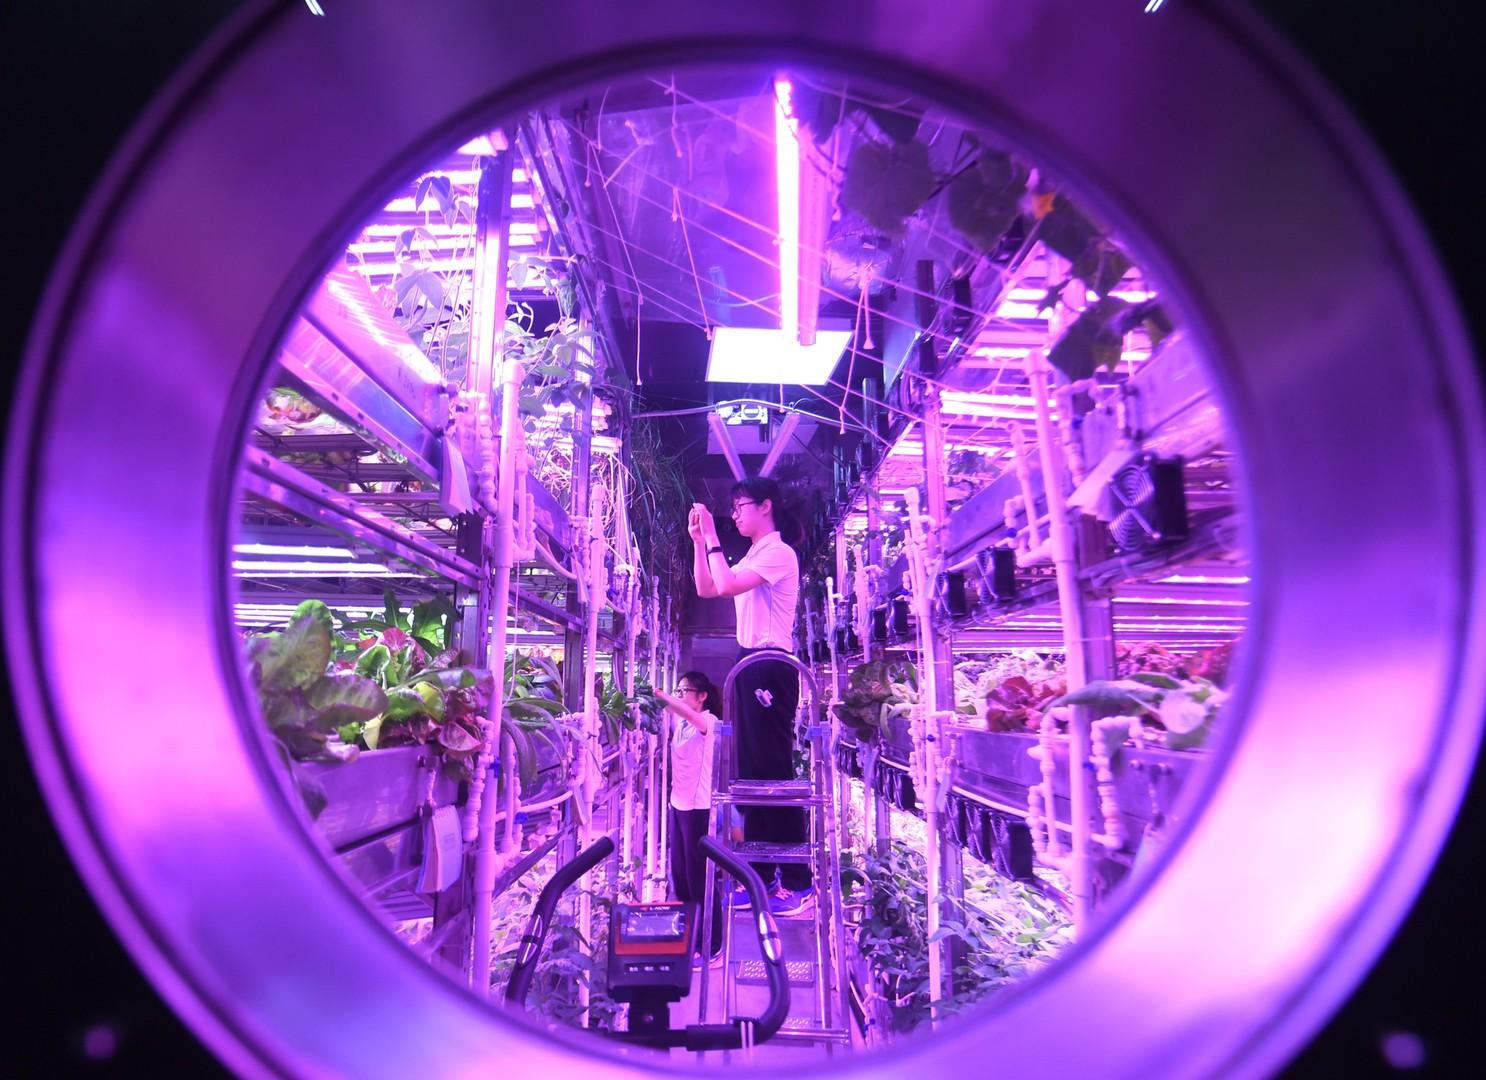 Ein Jahr unter der Glaskuppel: Experiment mit Mondbasis-Simulation in China endet mit Weltrekord